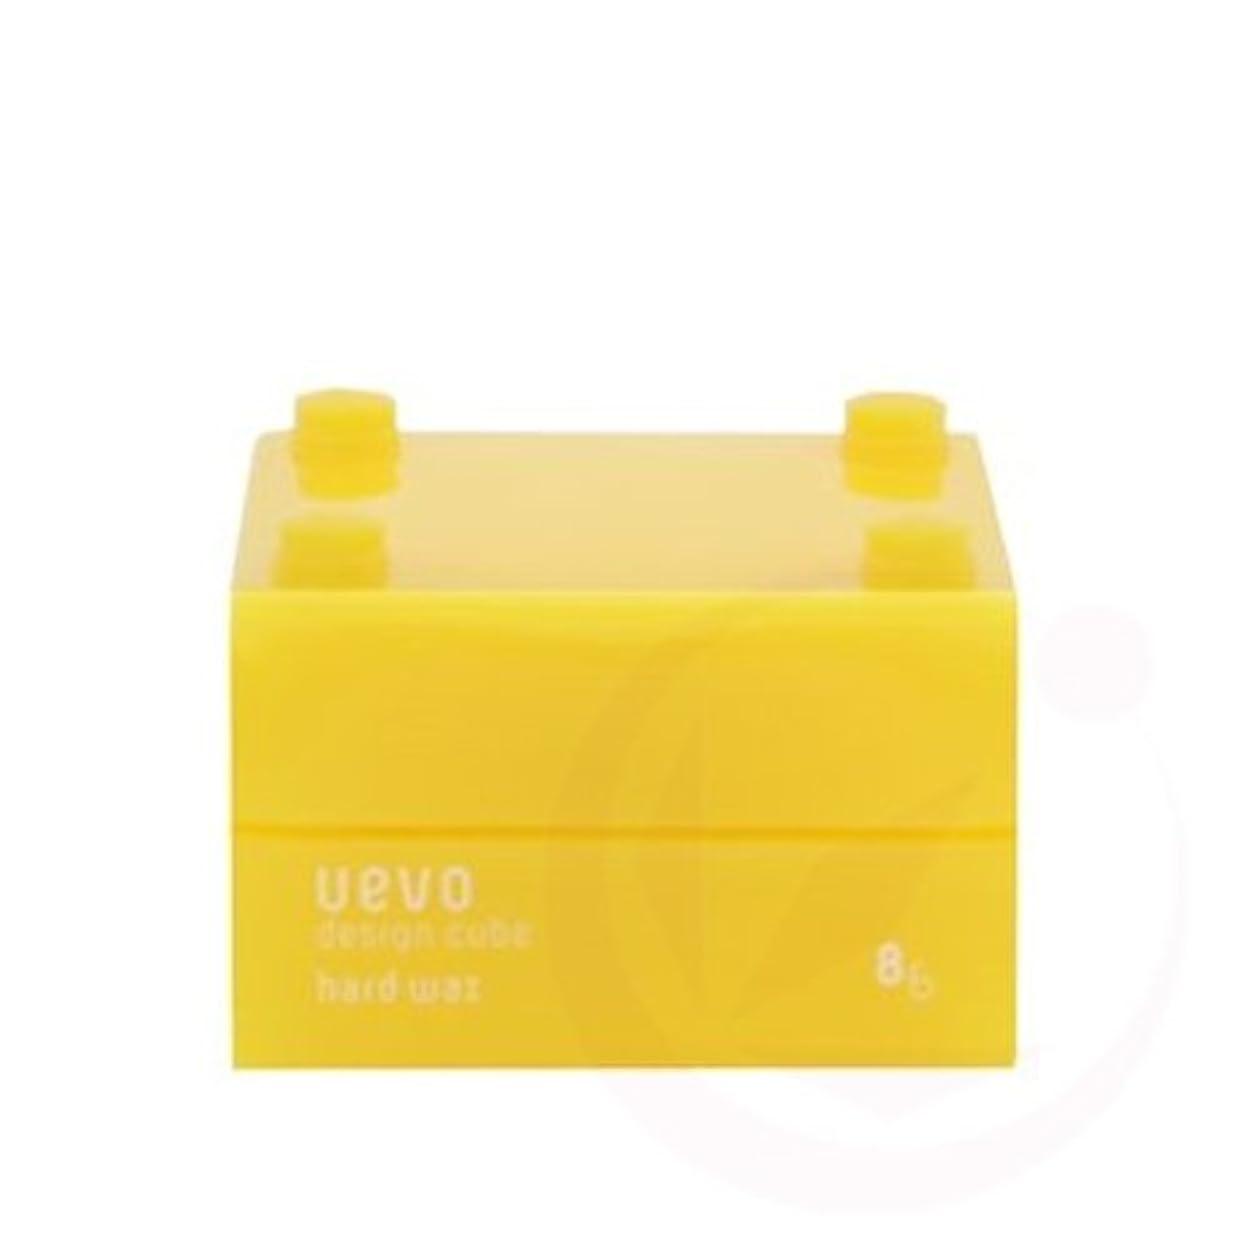 優遇電信小康【デミコスメティクス】ウェーボ デザインキューブ ハードワックス 30g